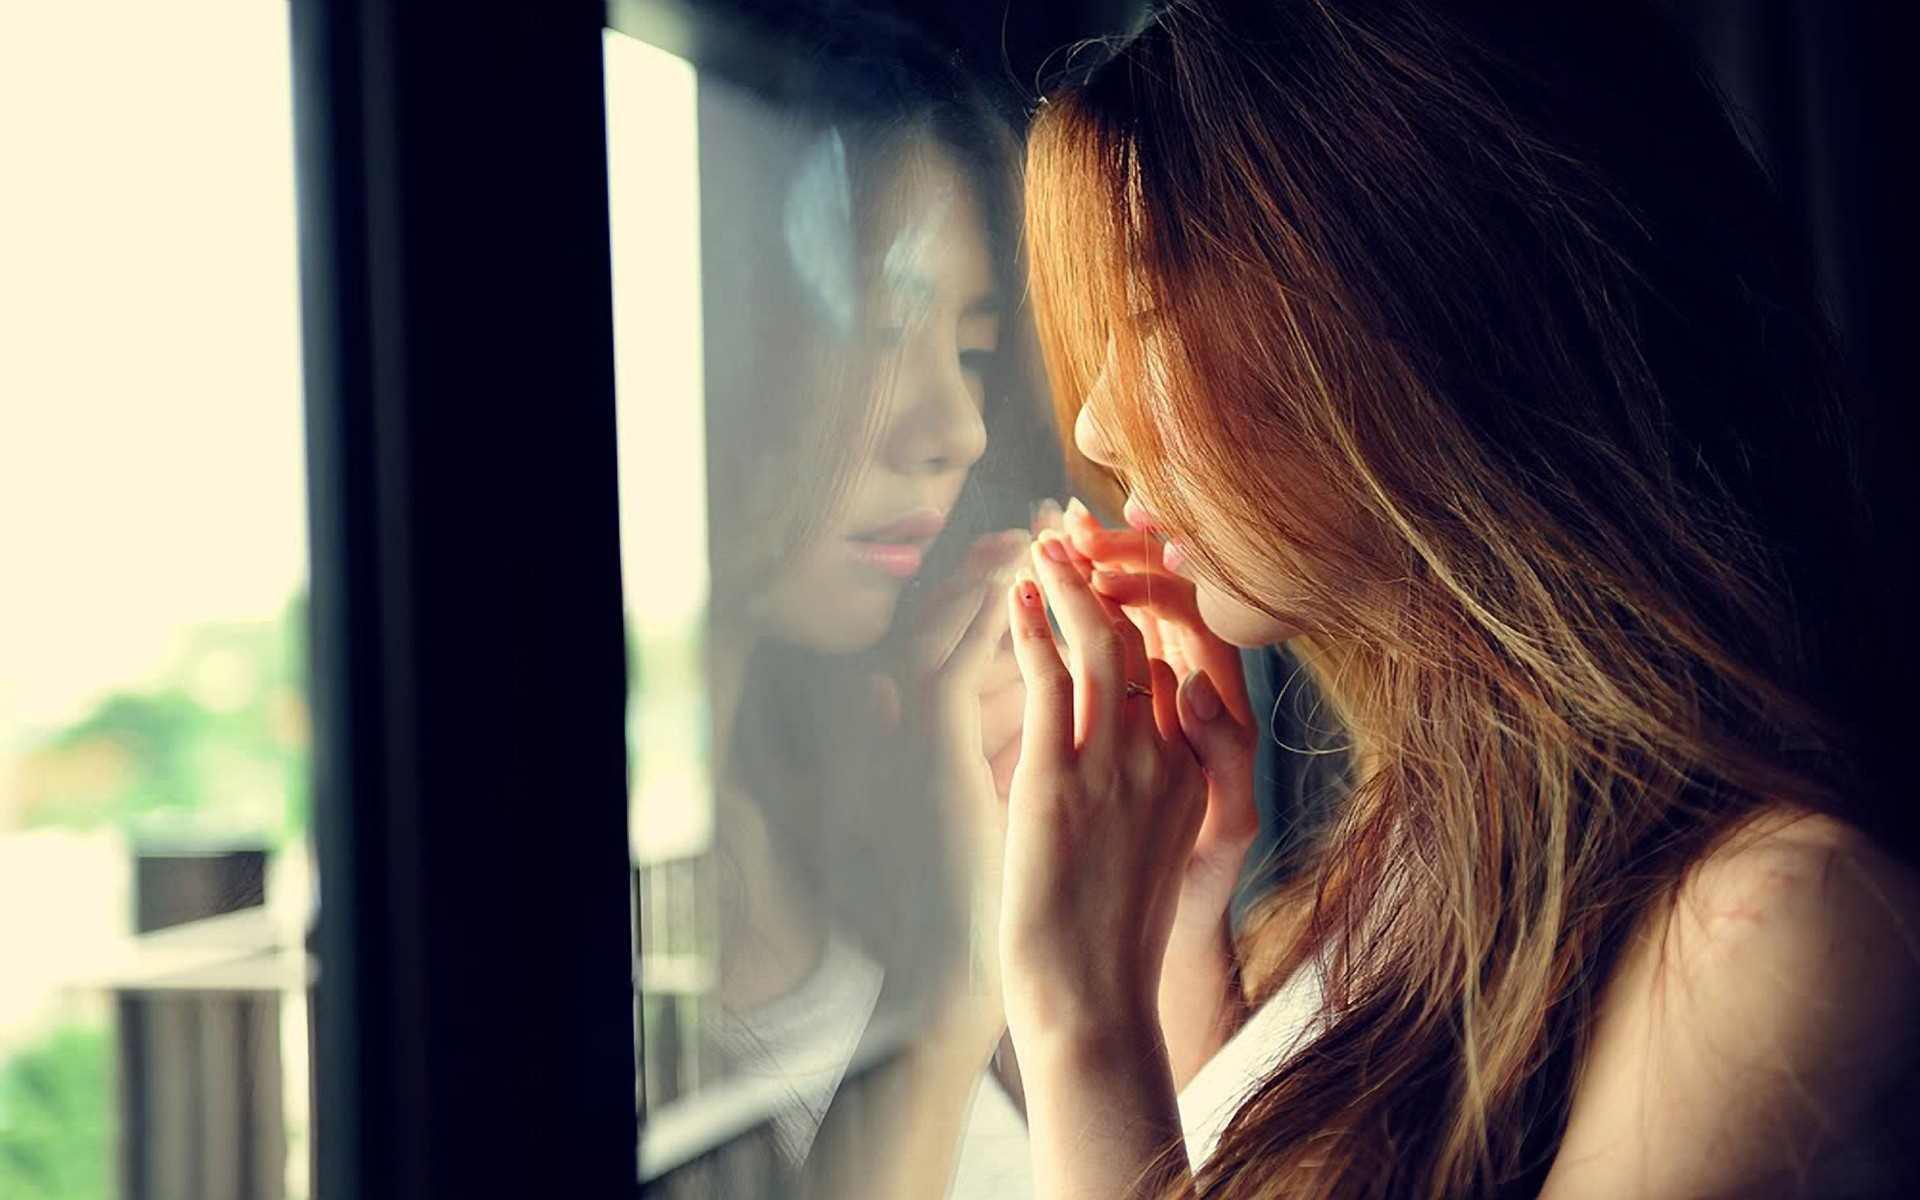 Đàn bà càng chiều chồng, đàn ông càng muốn ngoại tình, vì đâu nên nỗi? - Ảnh 3